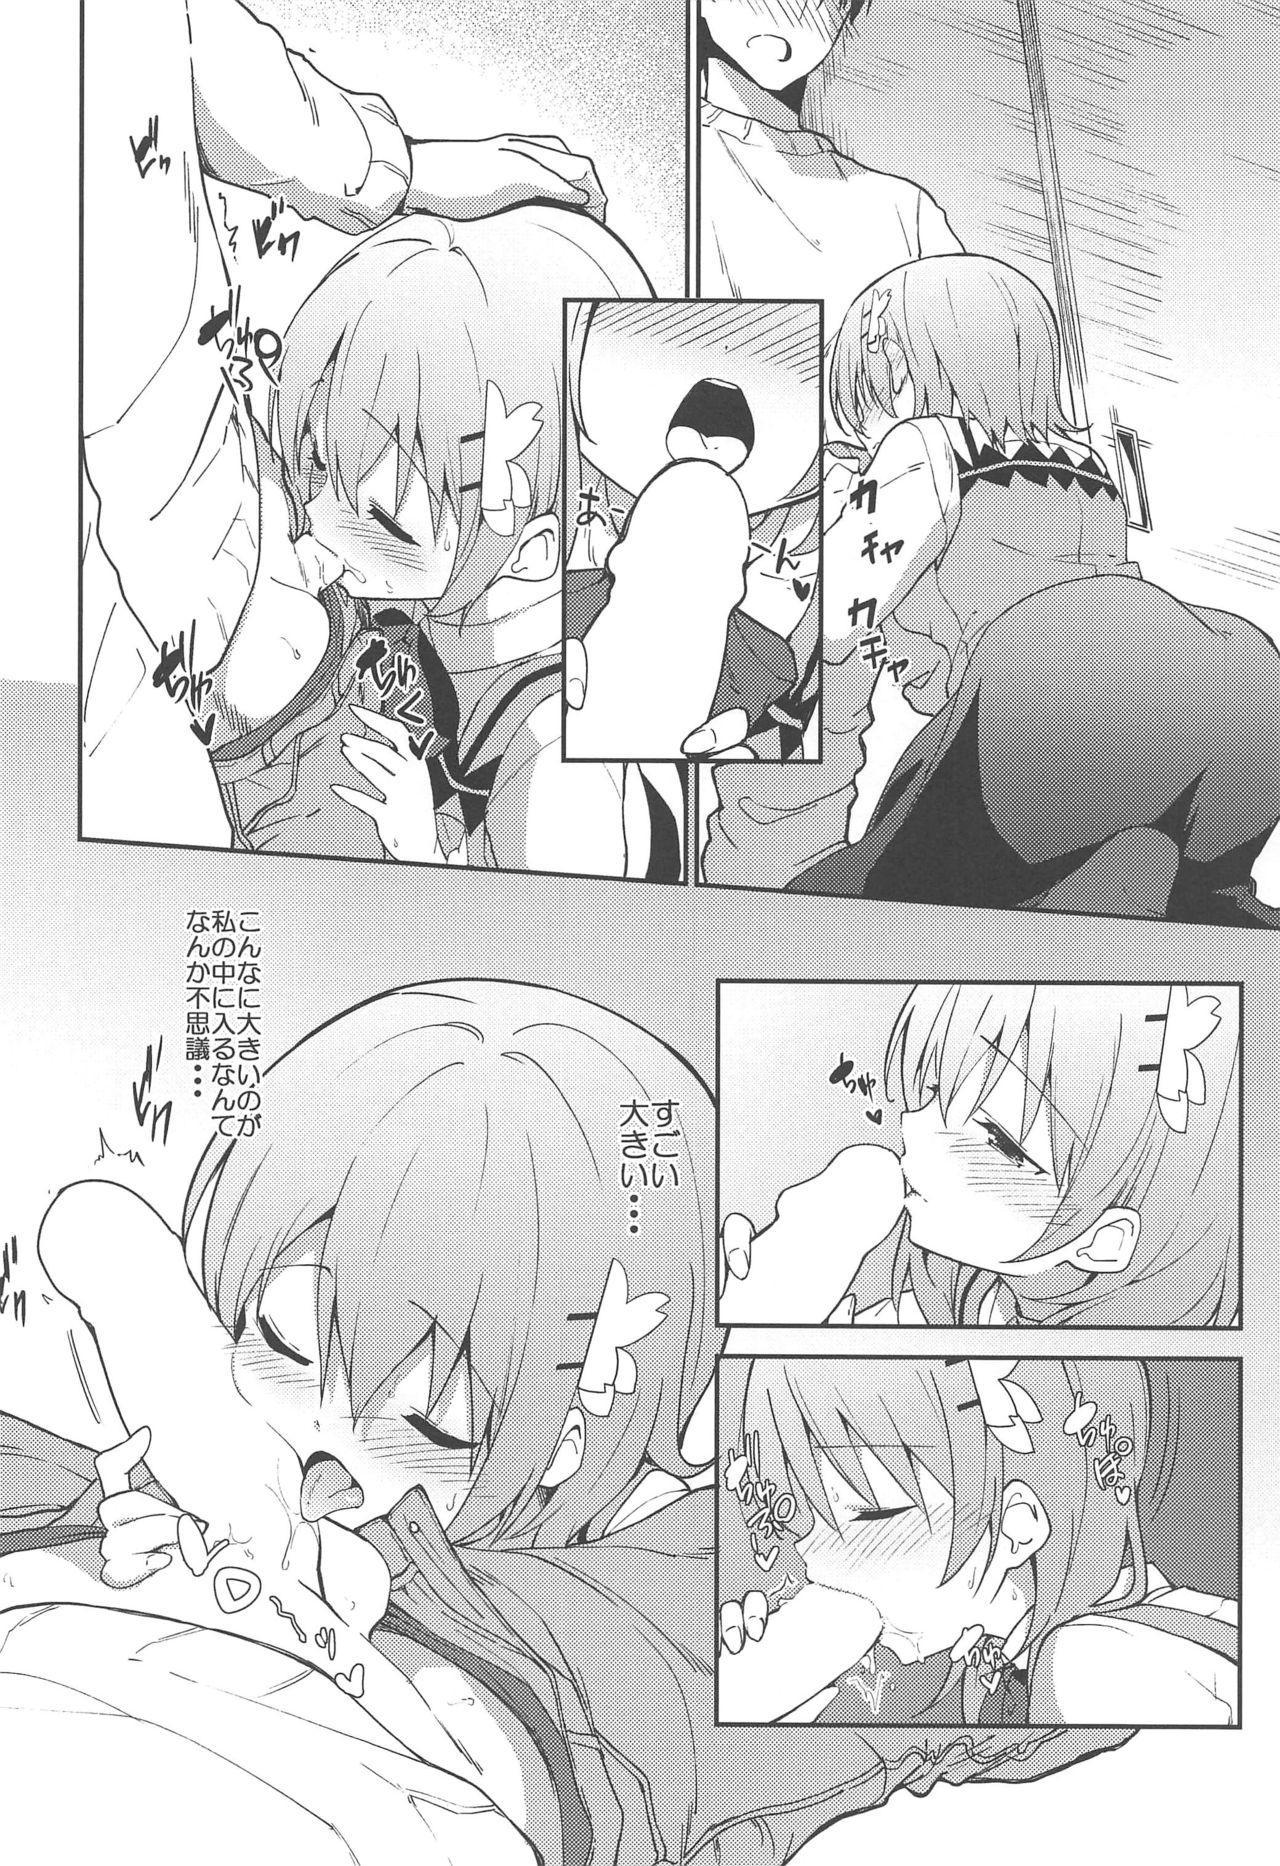 Attakai Kokoa wa Ikaga desu ka? - How about warm cocoa? 10